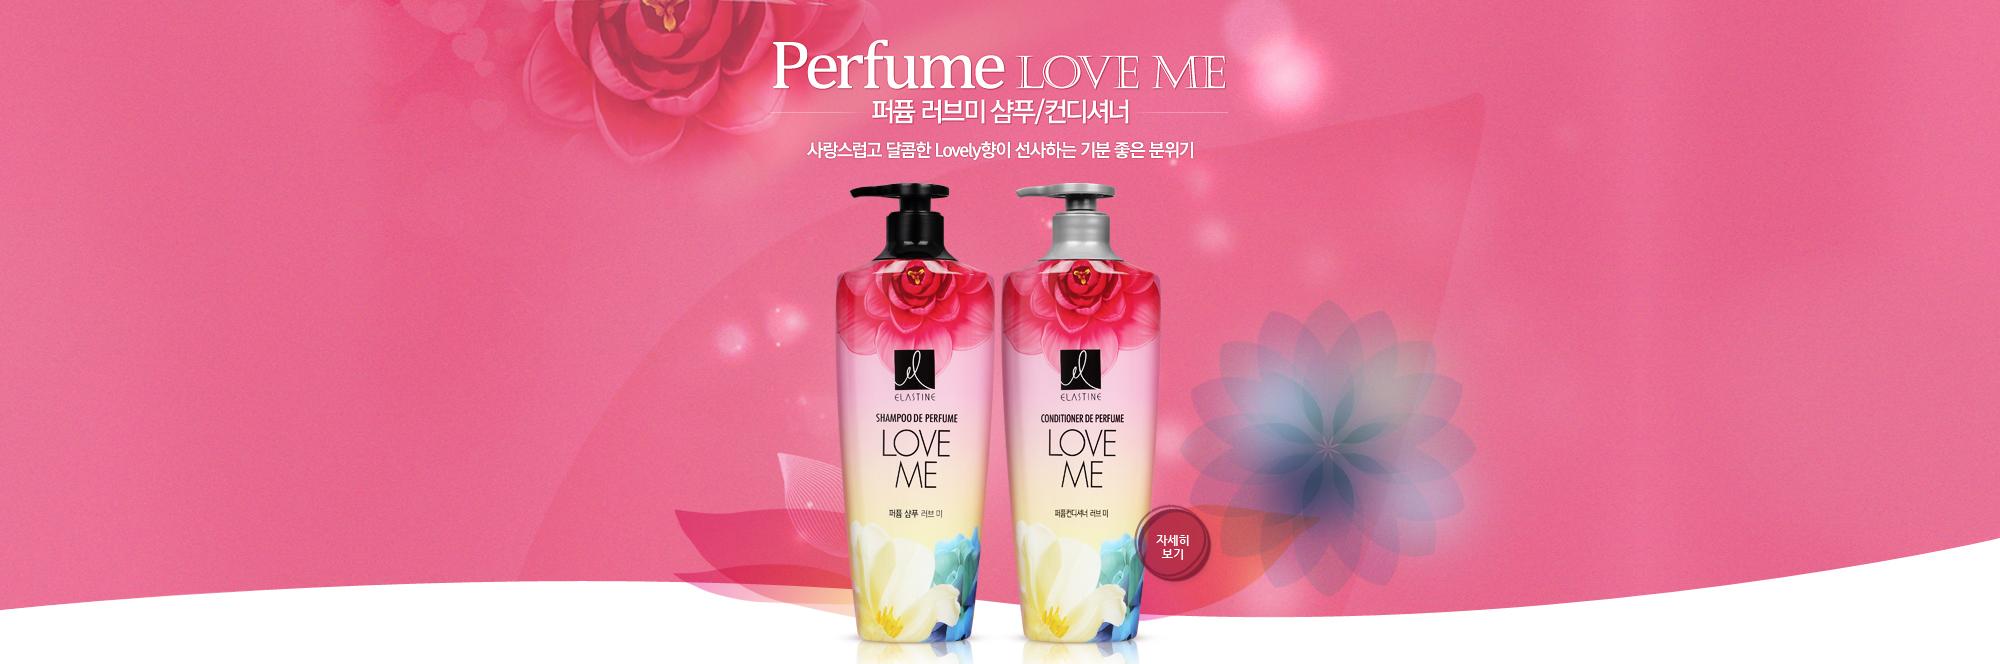 Perfume LOVE ME 퍼퓸 러브미 샴푸/컨디셔너 사랑스럽고 달콤한 Lovely향이 선사하는 기분좋은 분위기